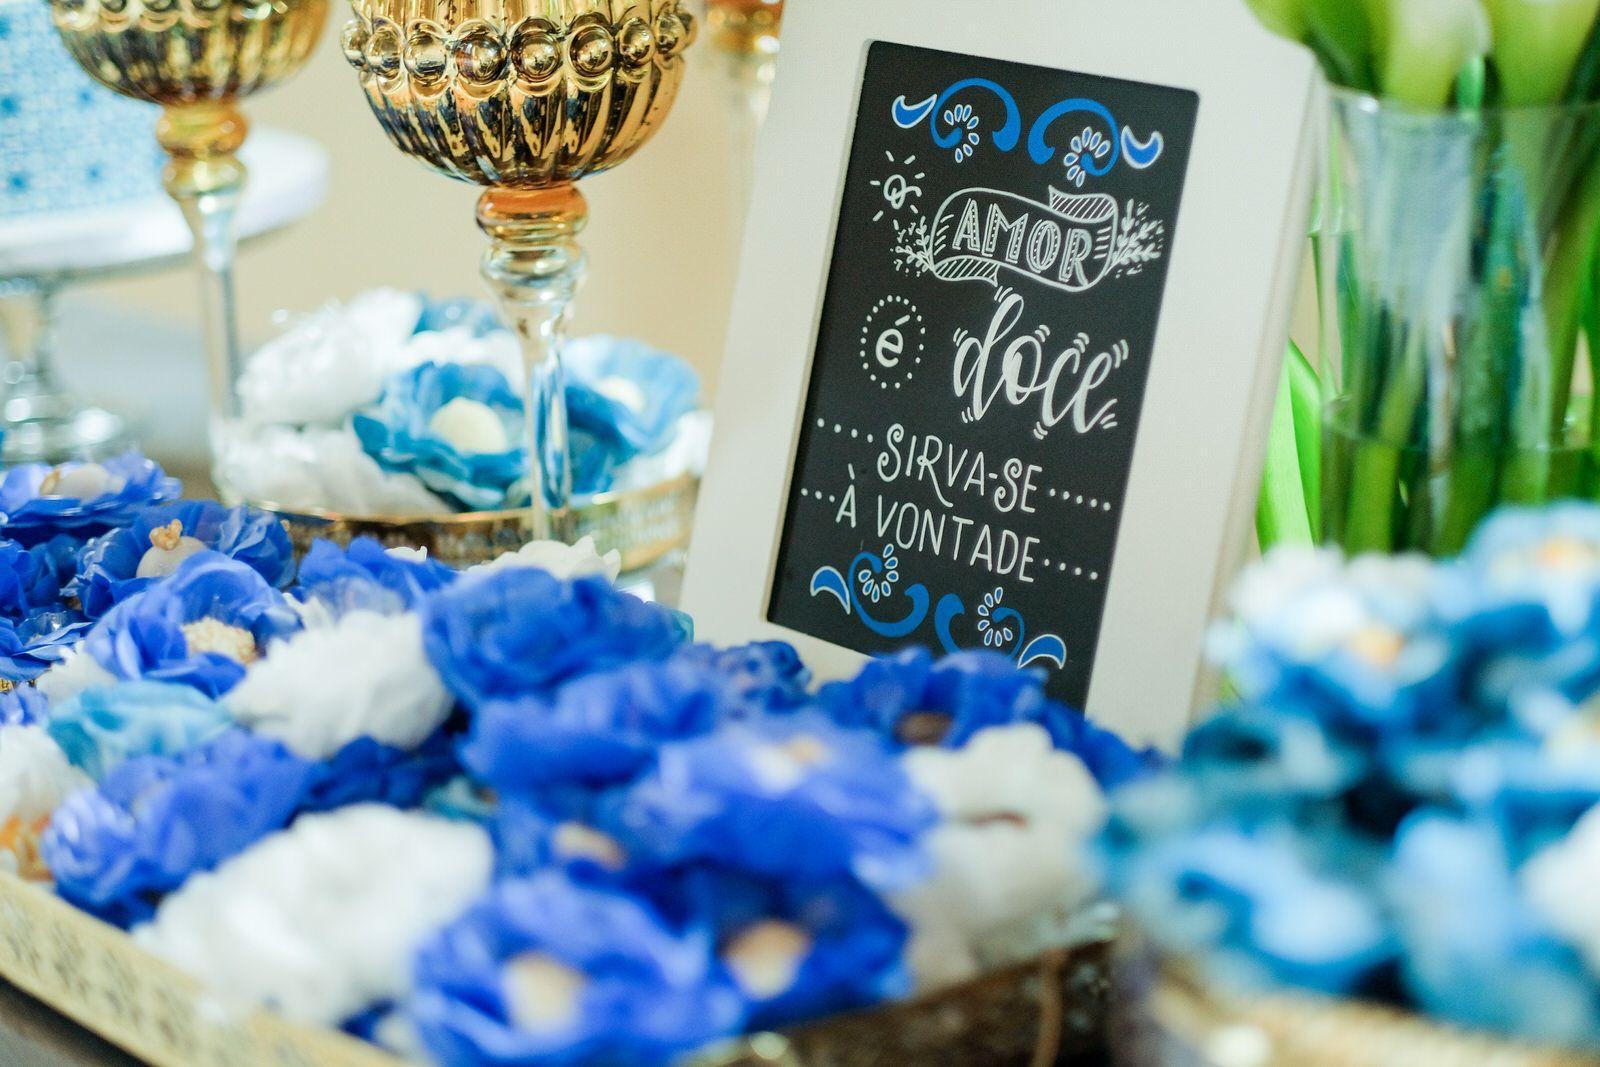 DA20180120 0837 - Entrevista com a wedding planner Bianca Oliveira